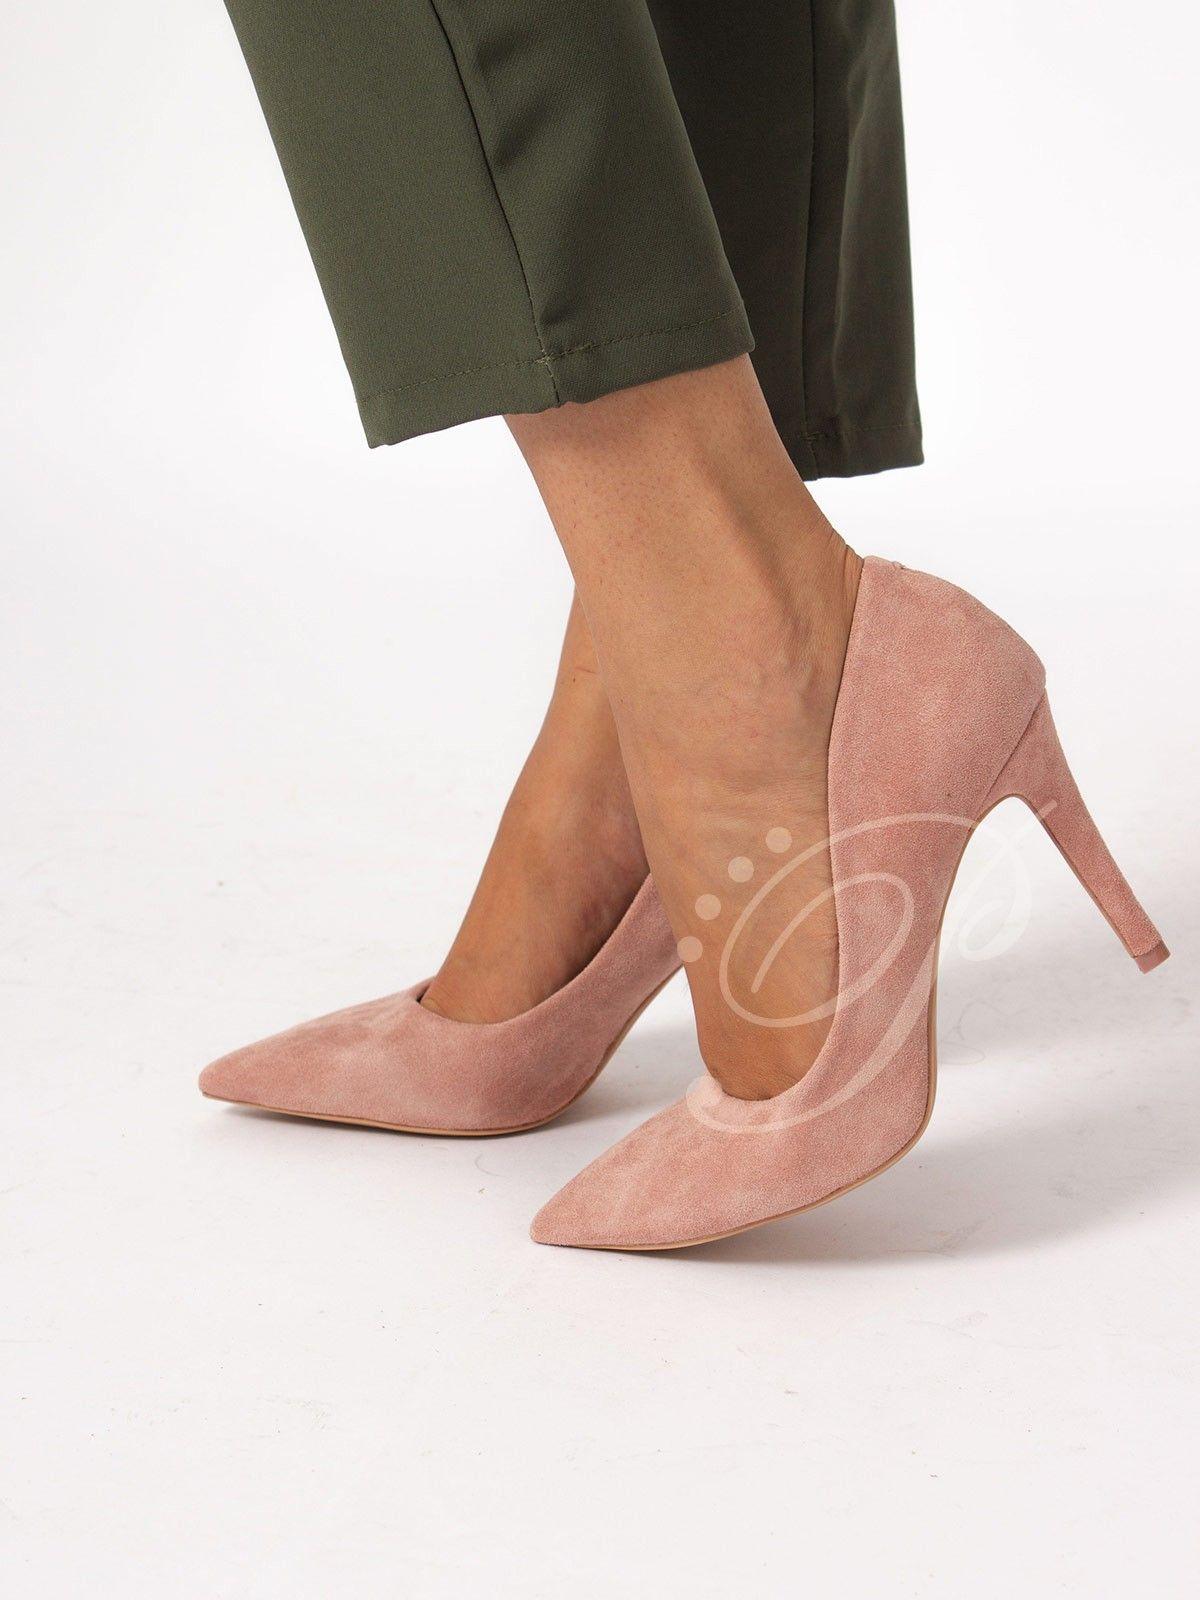 edb40c44 Stiletto Ara Nude - Zapato de salón en antelina de color nude . Tacón de  unos